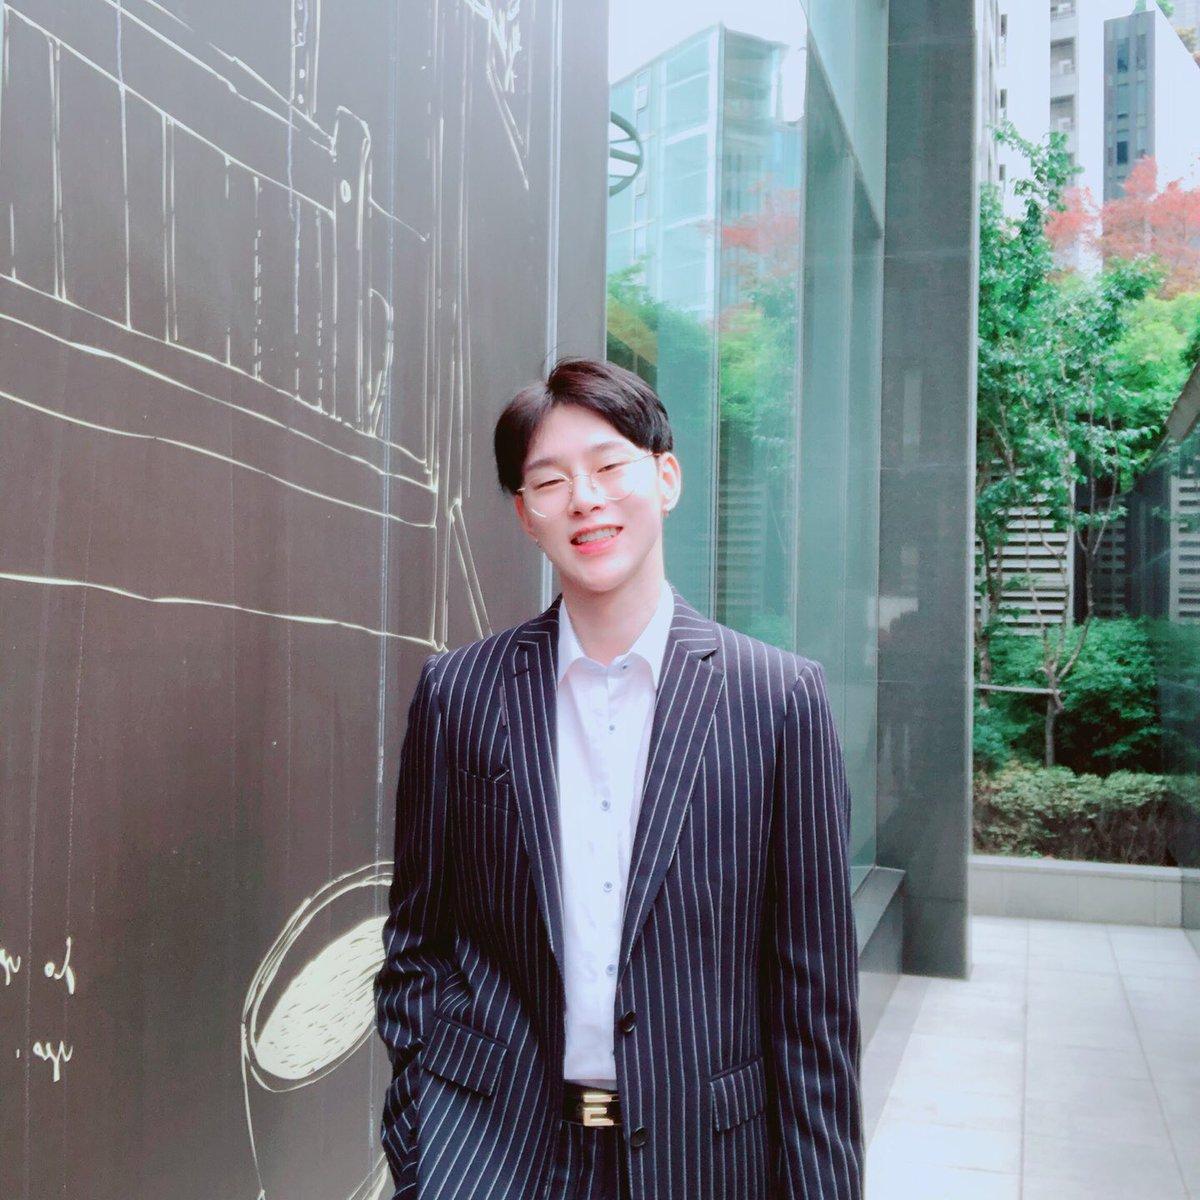 วันนี้เจ้าตี๋ใส่แว่นด้วย น่ารักมากๆเลย❤❤ #ฮยอนบิน #ควอนฮยอนบิน #KwonHyunBin #Hyunbin #현빈